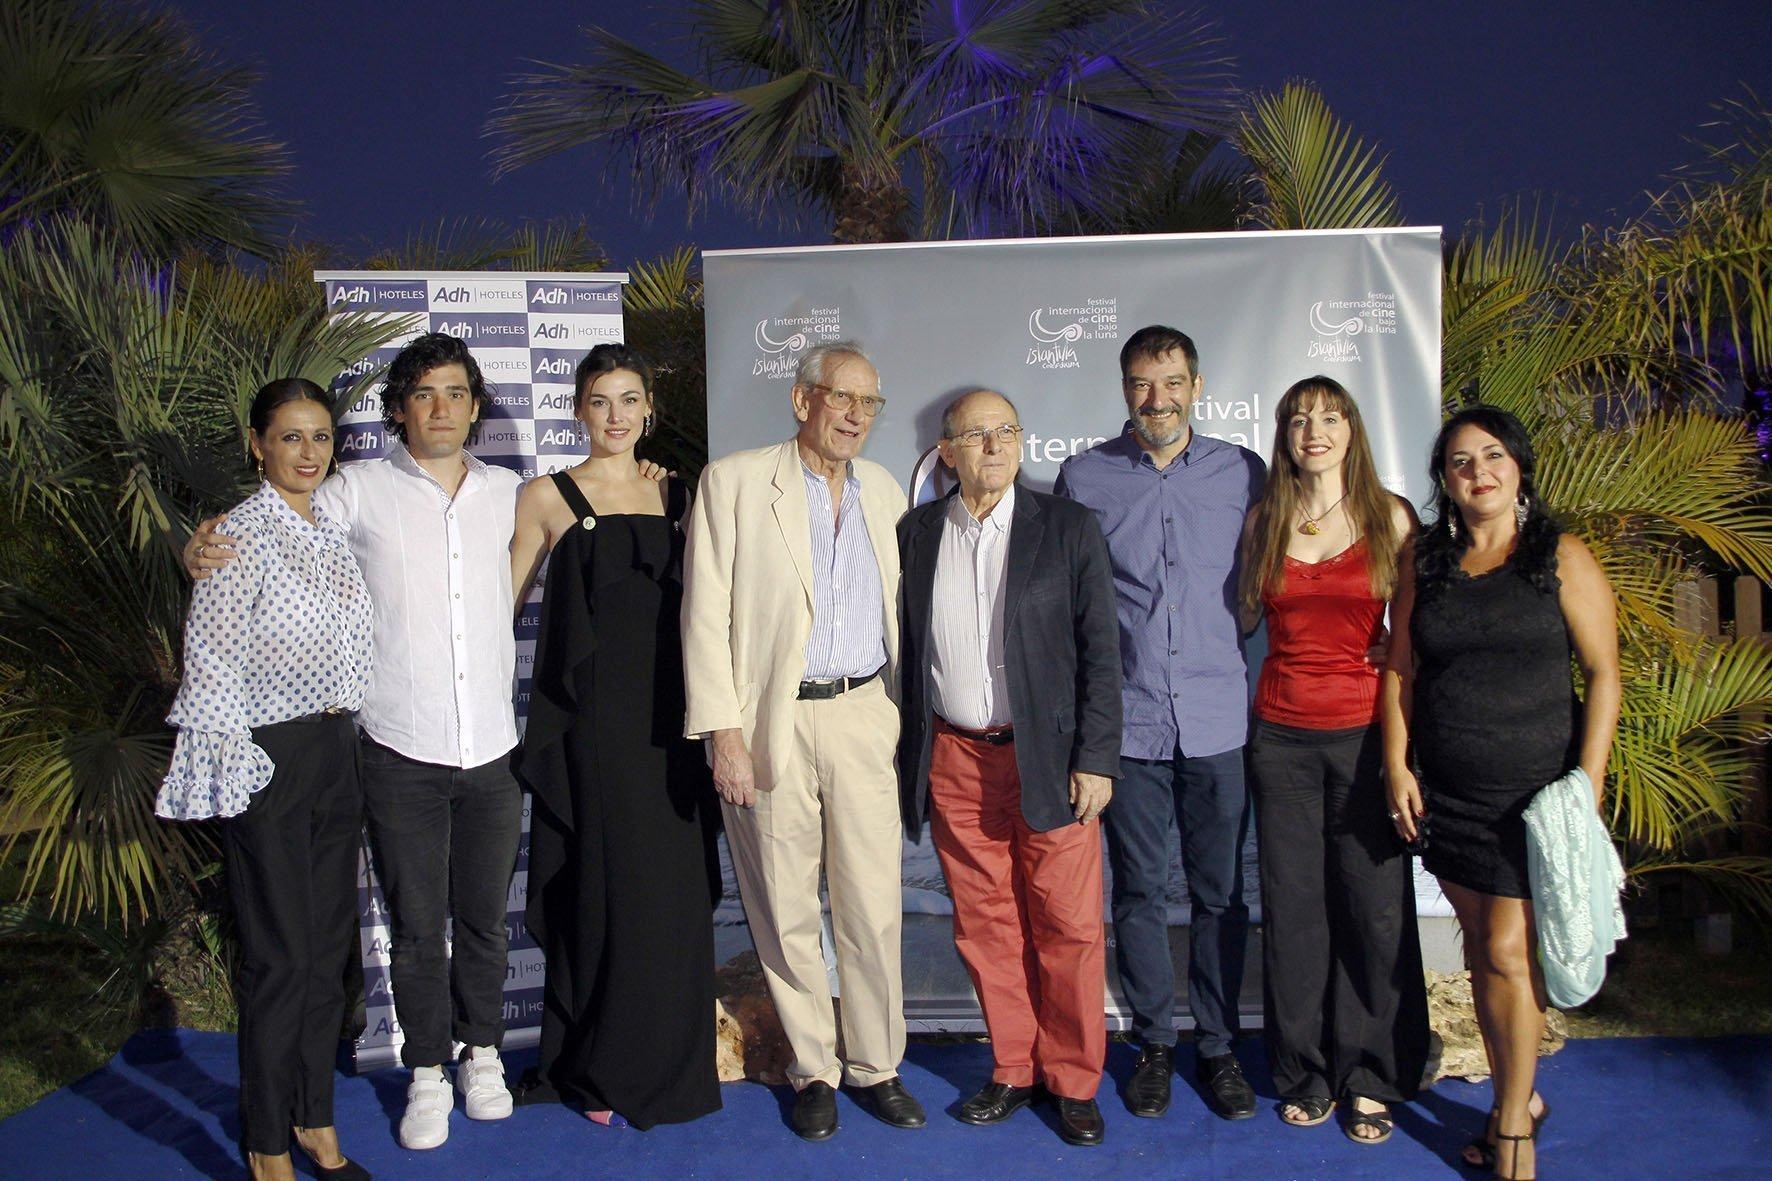 El homenajeado, Jaime Chávarri, junto a colegas de profesión e invitados a la gala